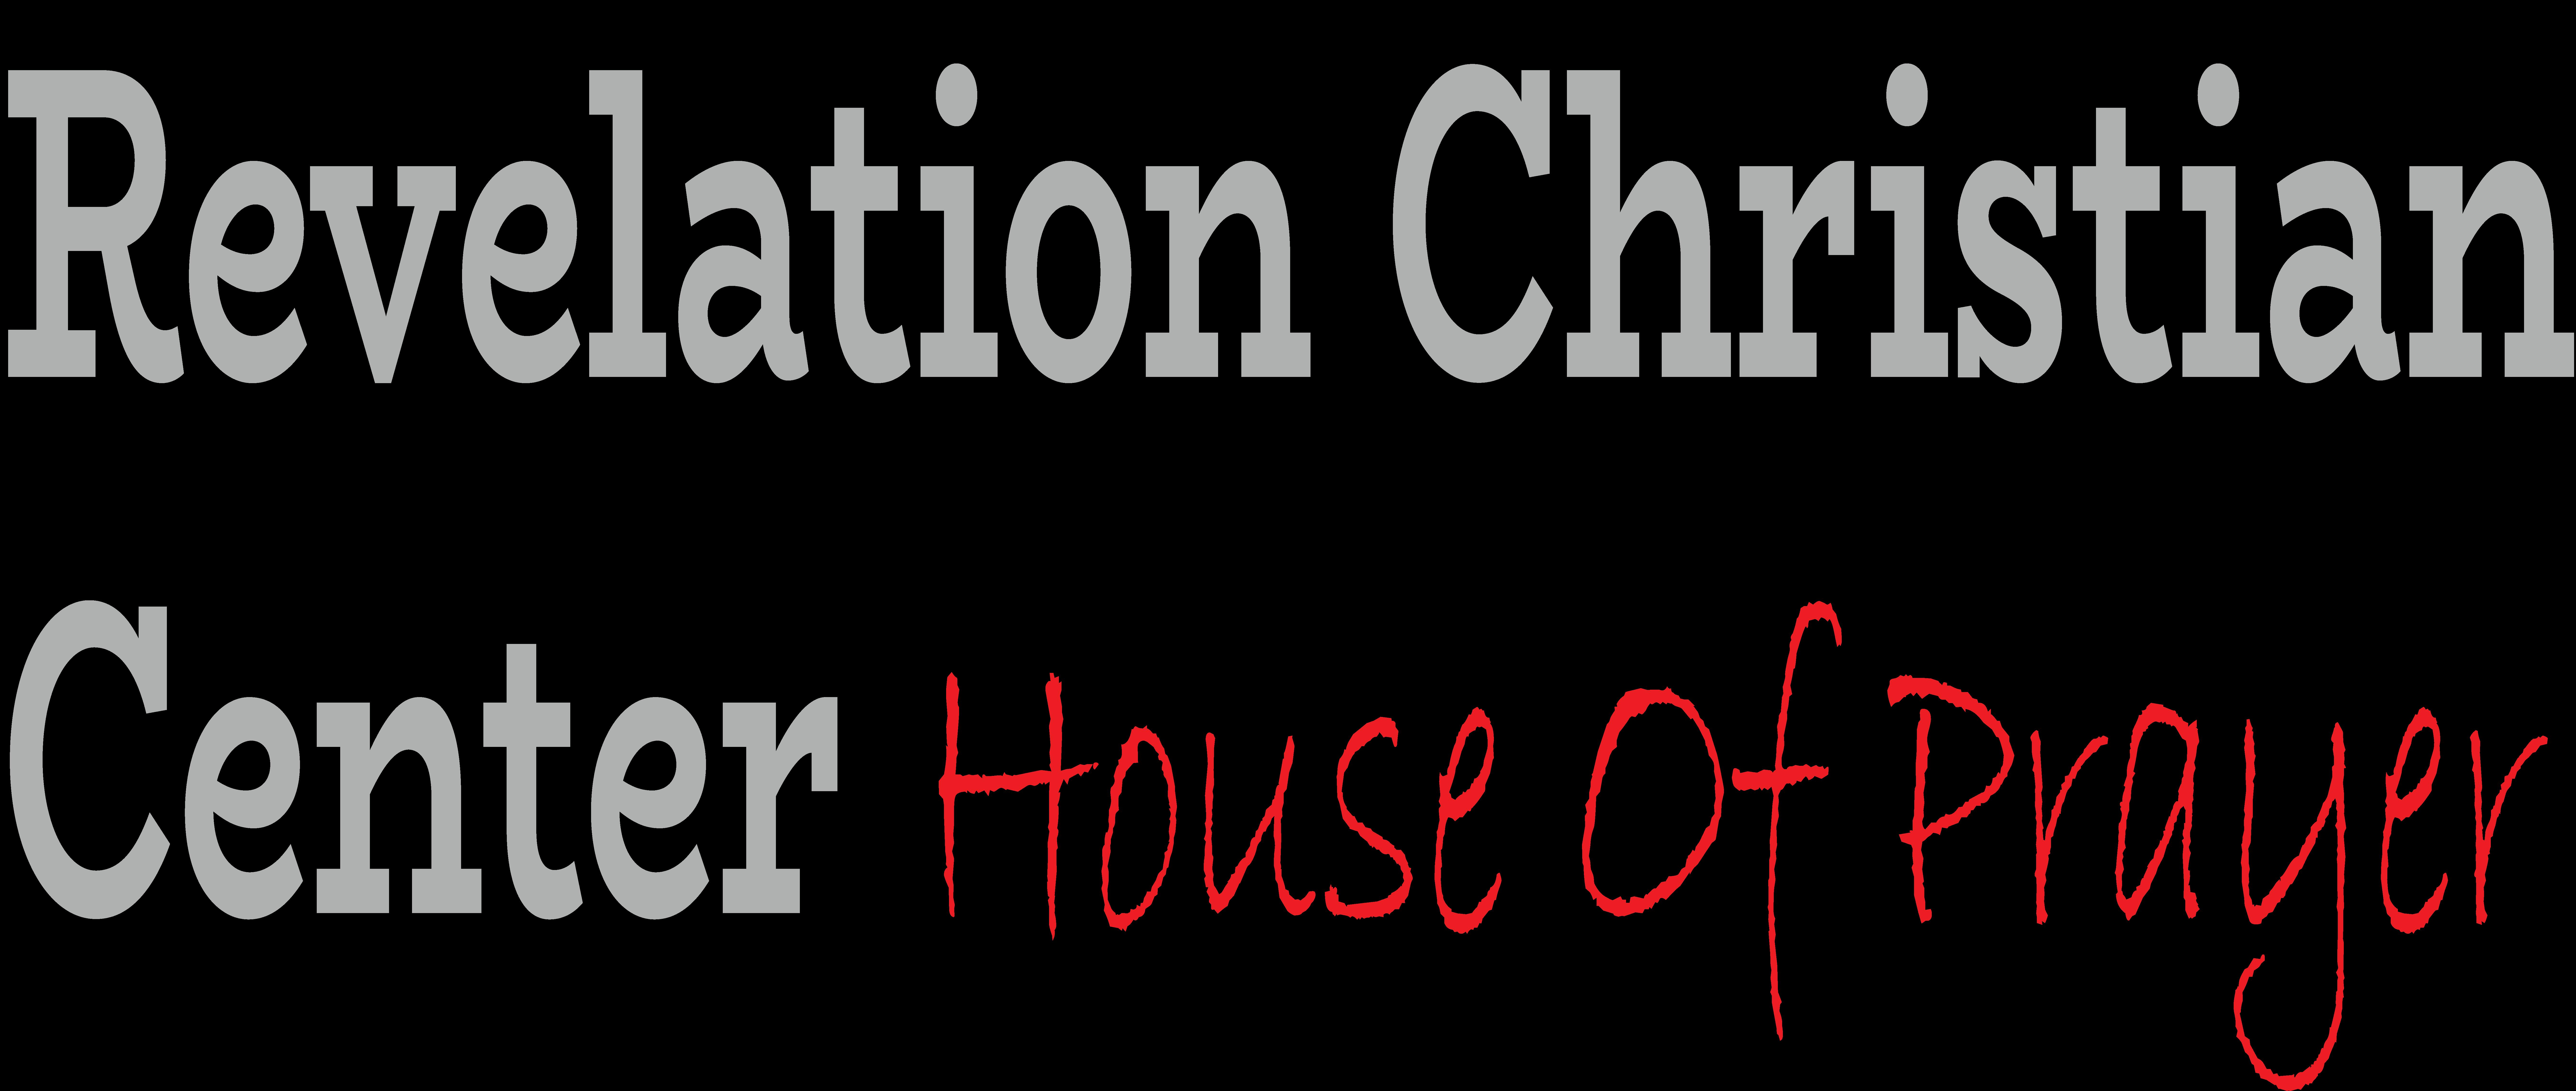 Revelation Christian Center